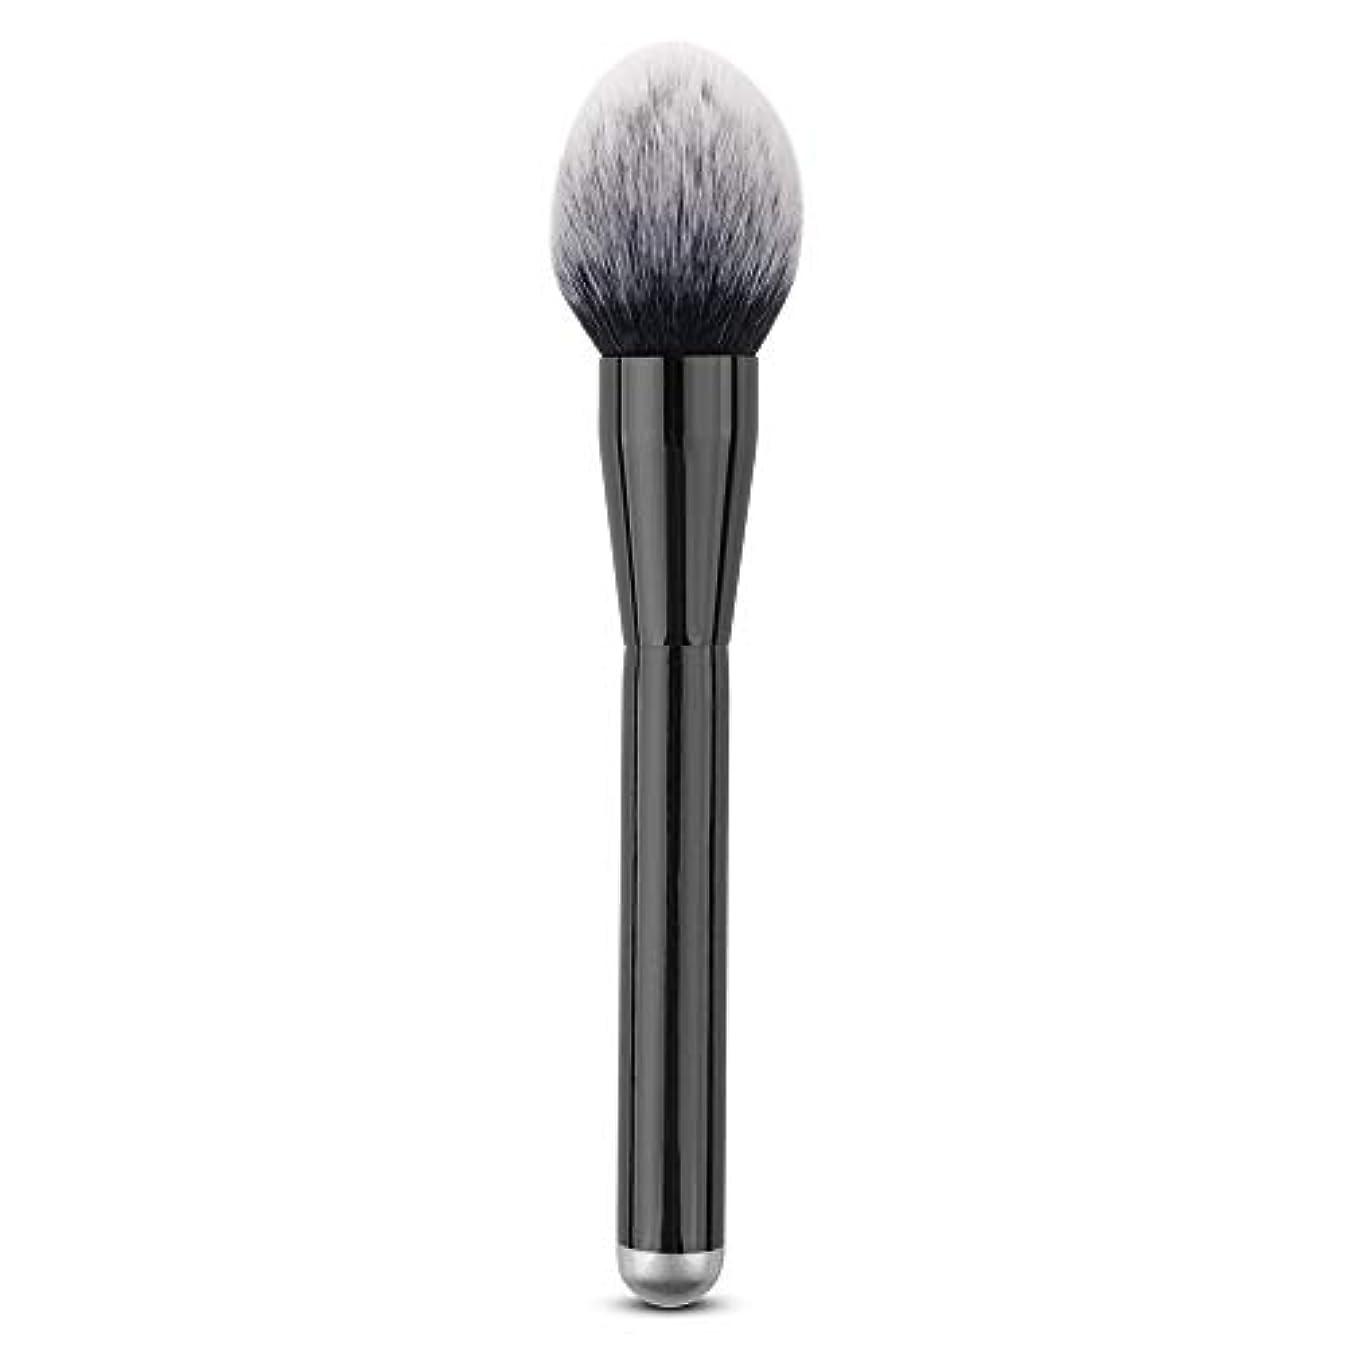 アトミックモッキンバード遊びますMakeup brushes 単一のブラシ巧みな構造のブラシ柔らかいブラシPerdurableおよび携帯用構造専門の構造のブラシ suits (Color : Black)